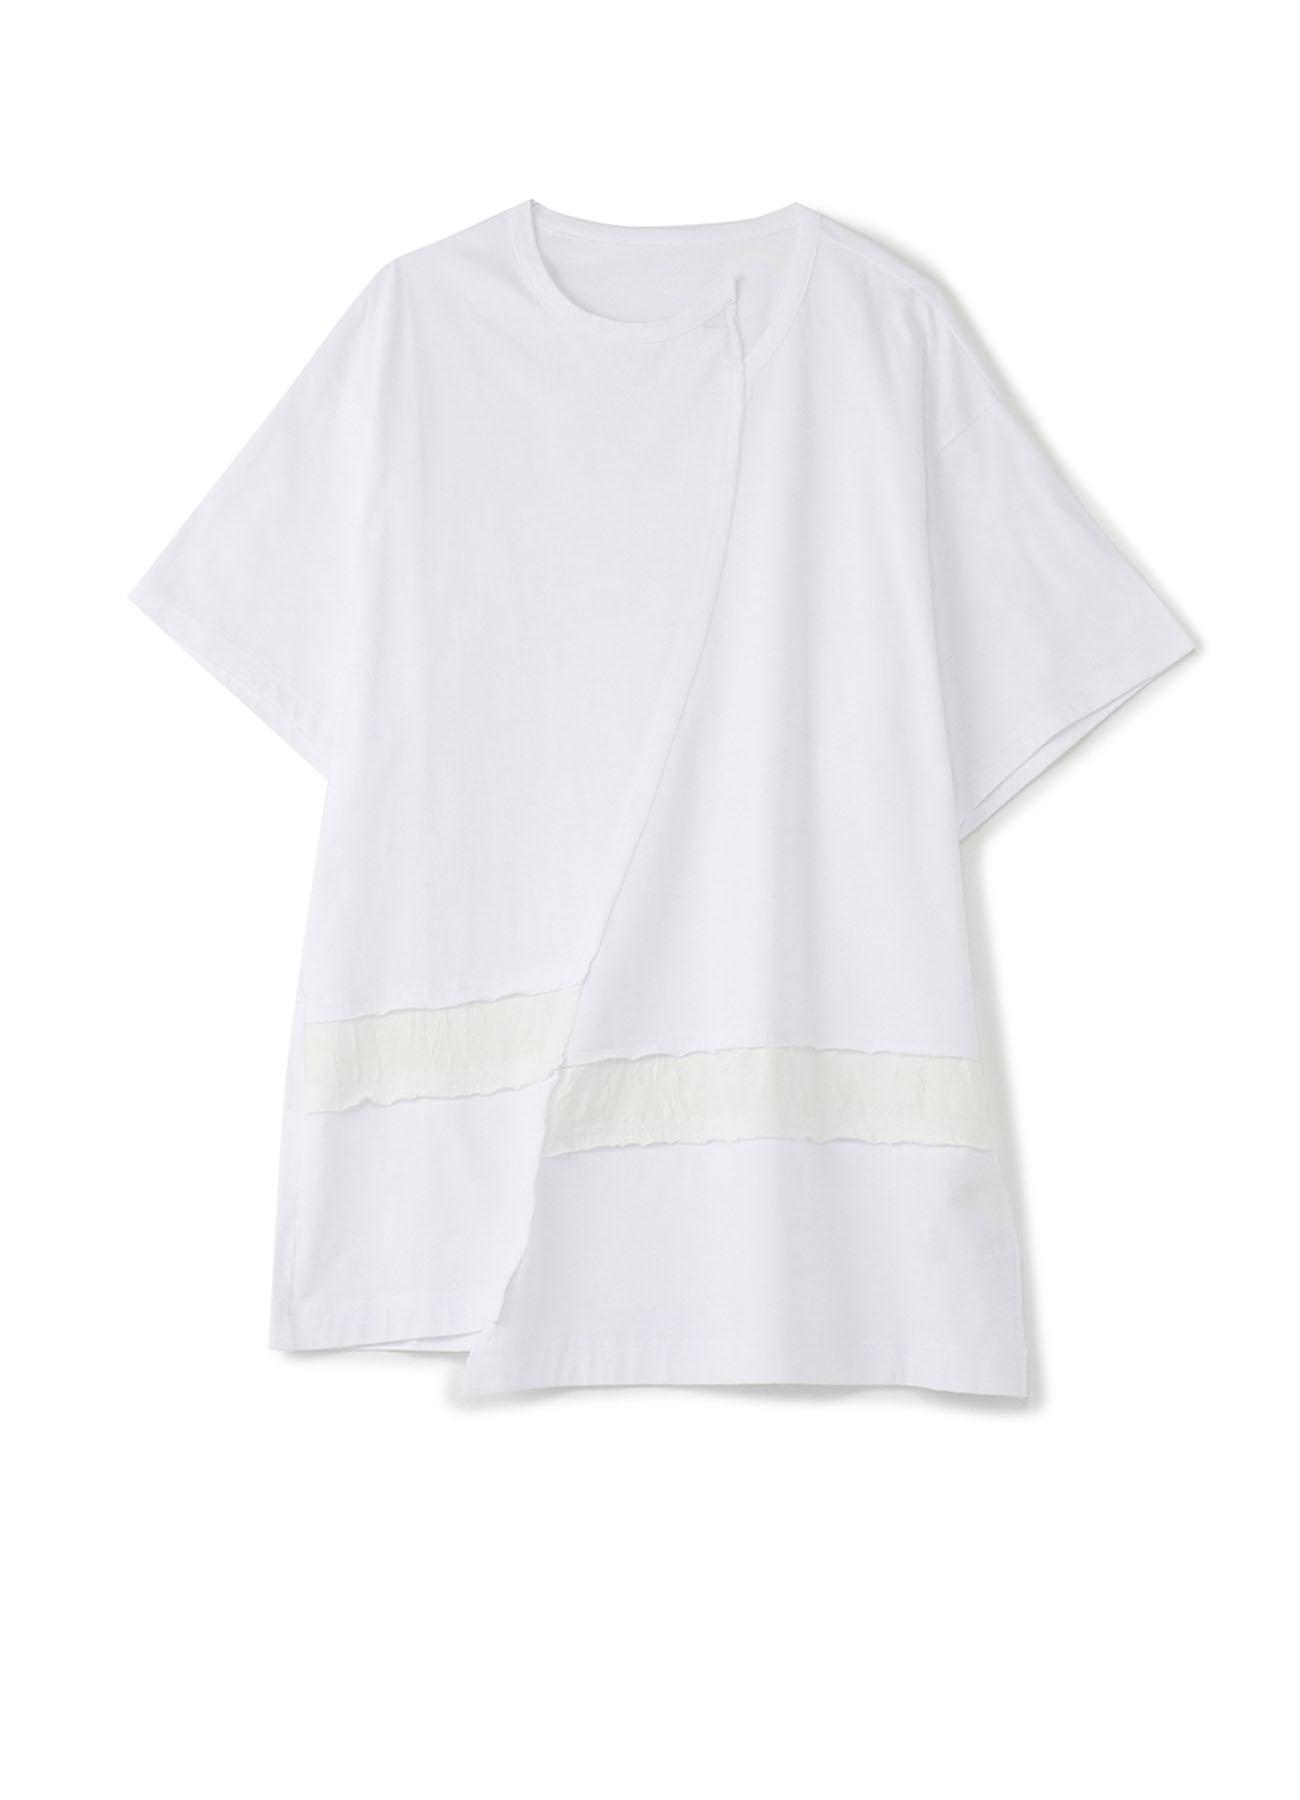 30棉平纹针迹覆盖水平线切割和缝制